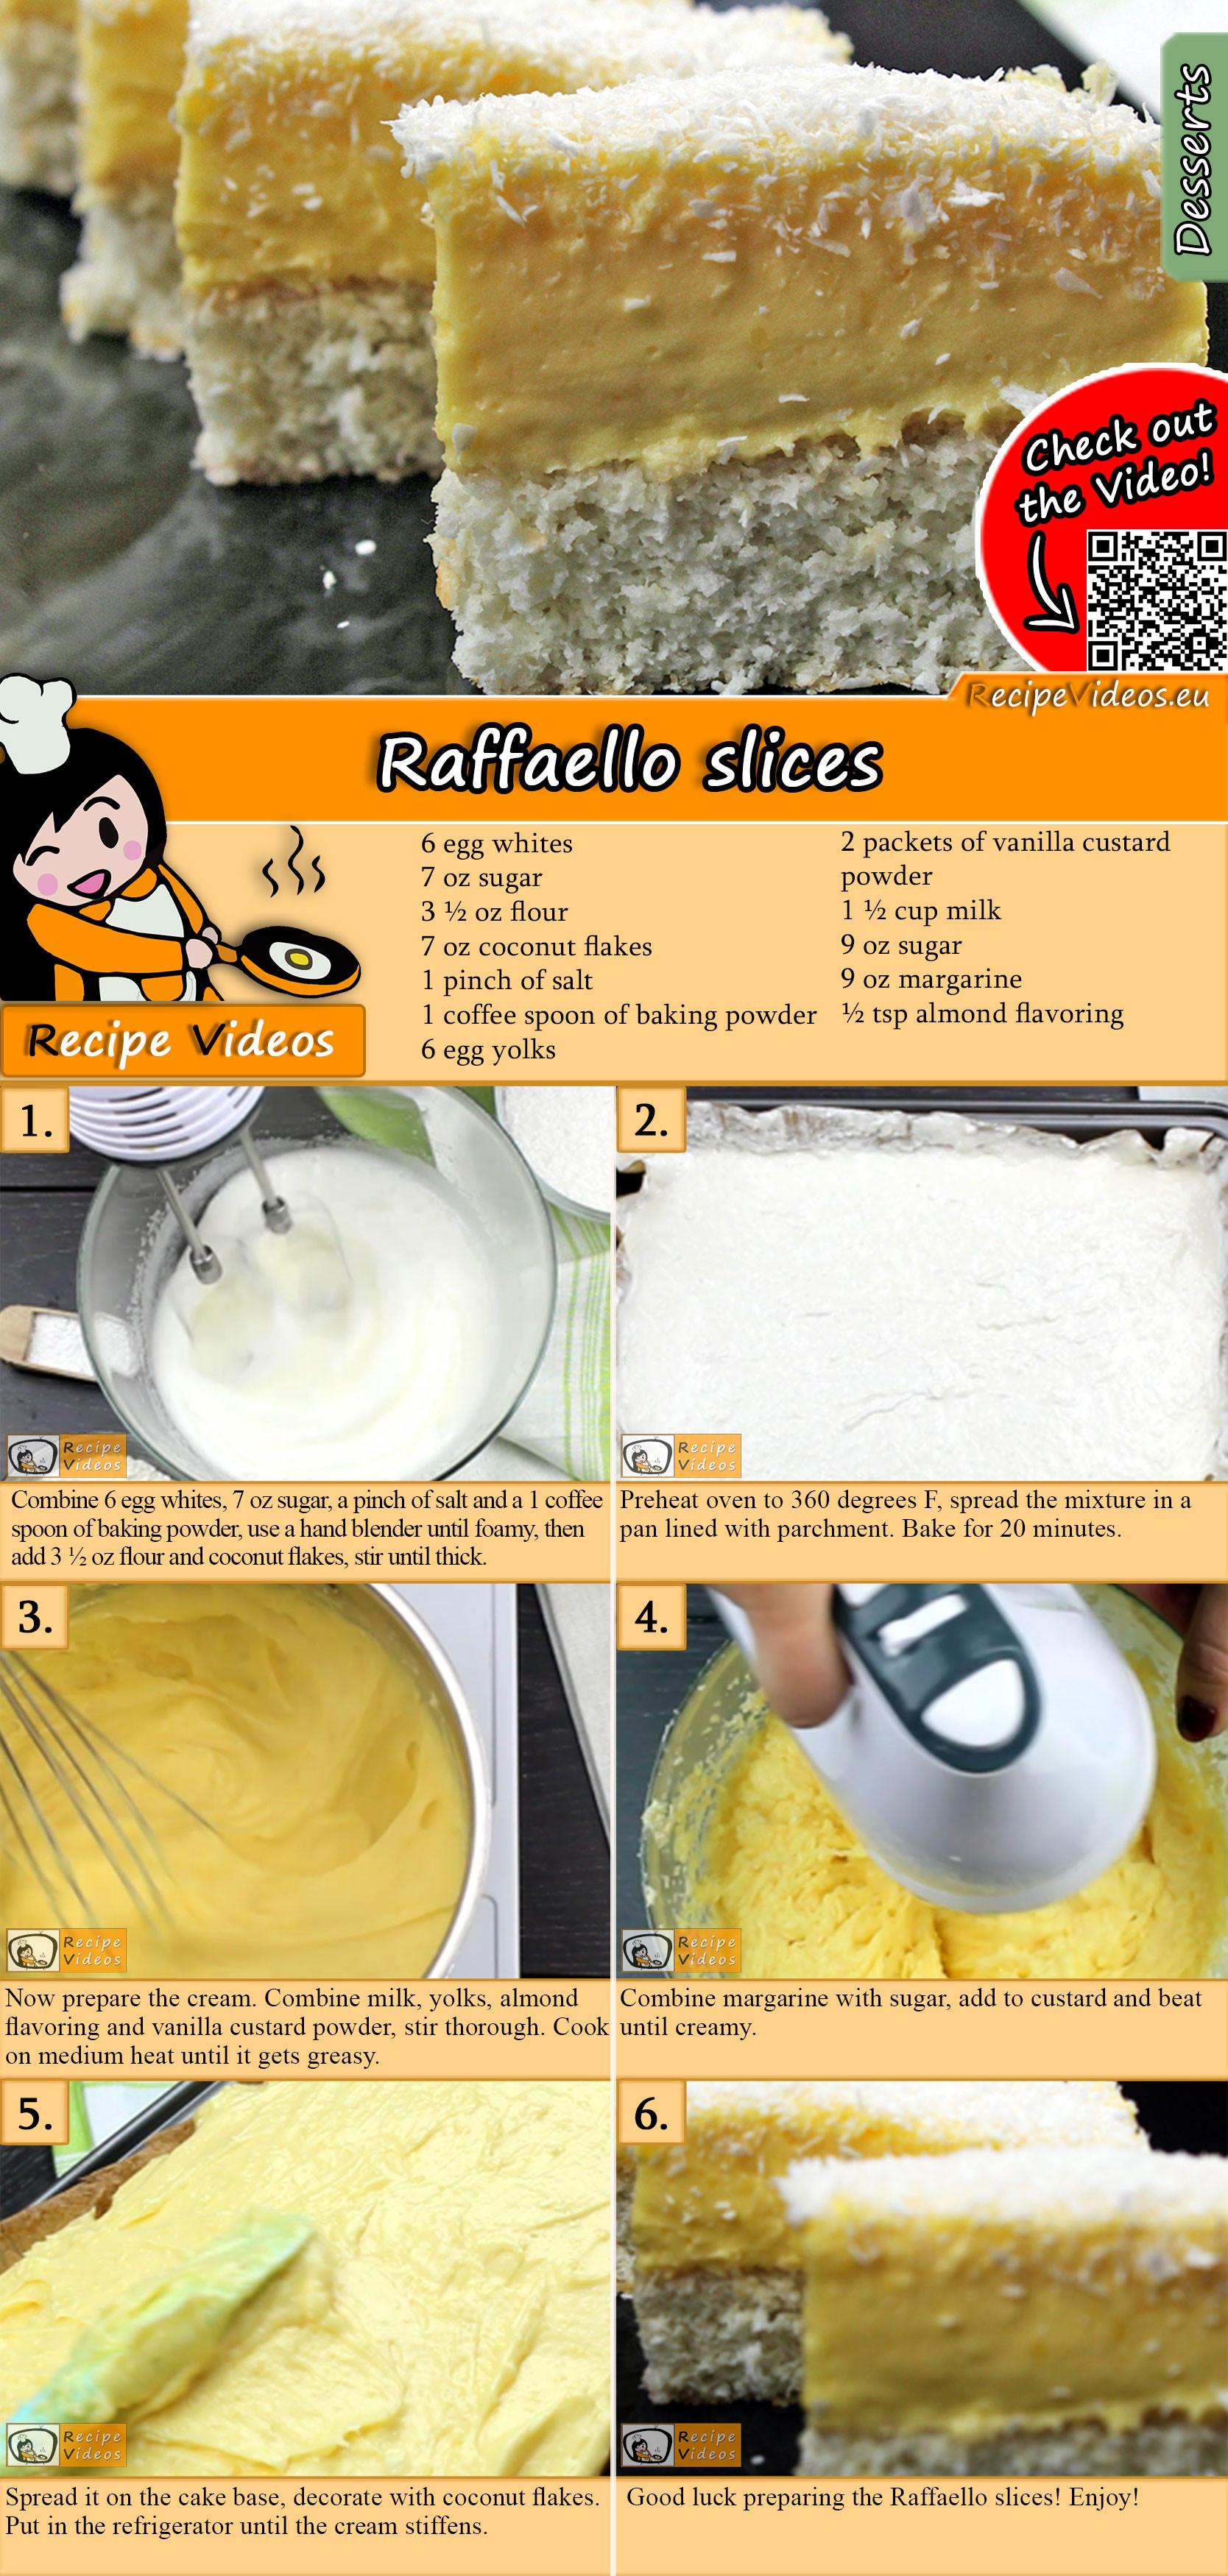 Raffaello slices recipe with video